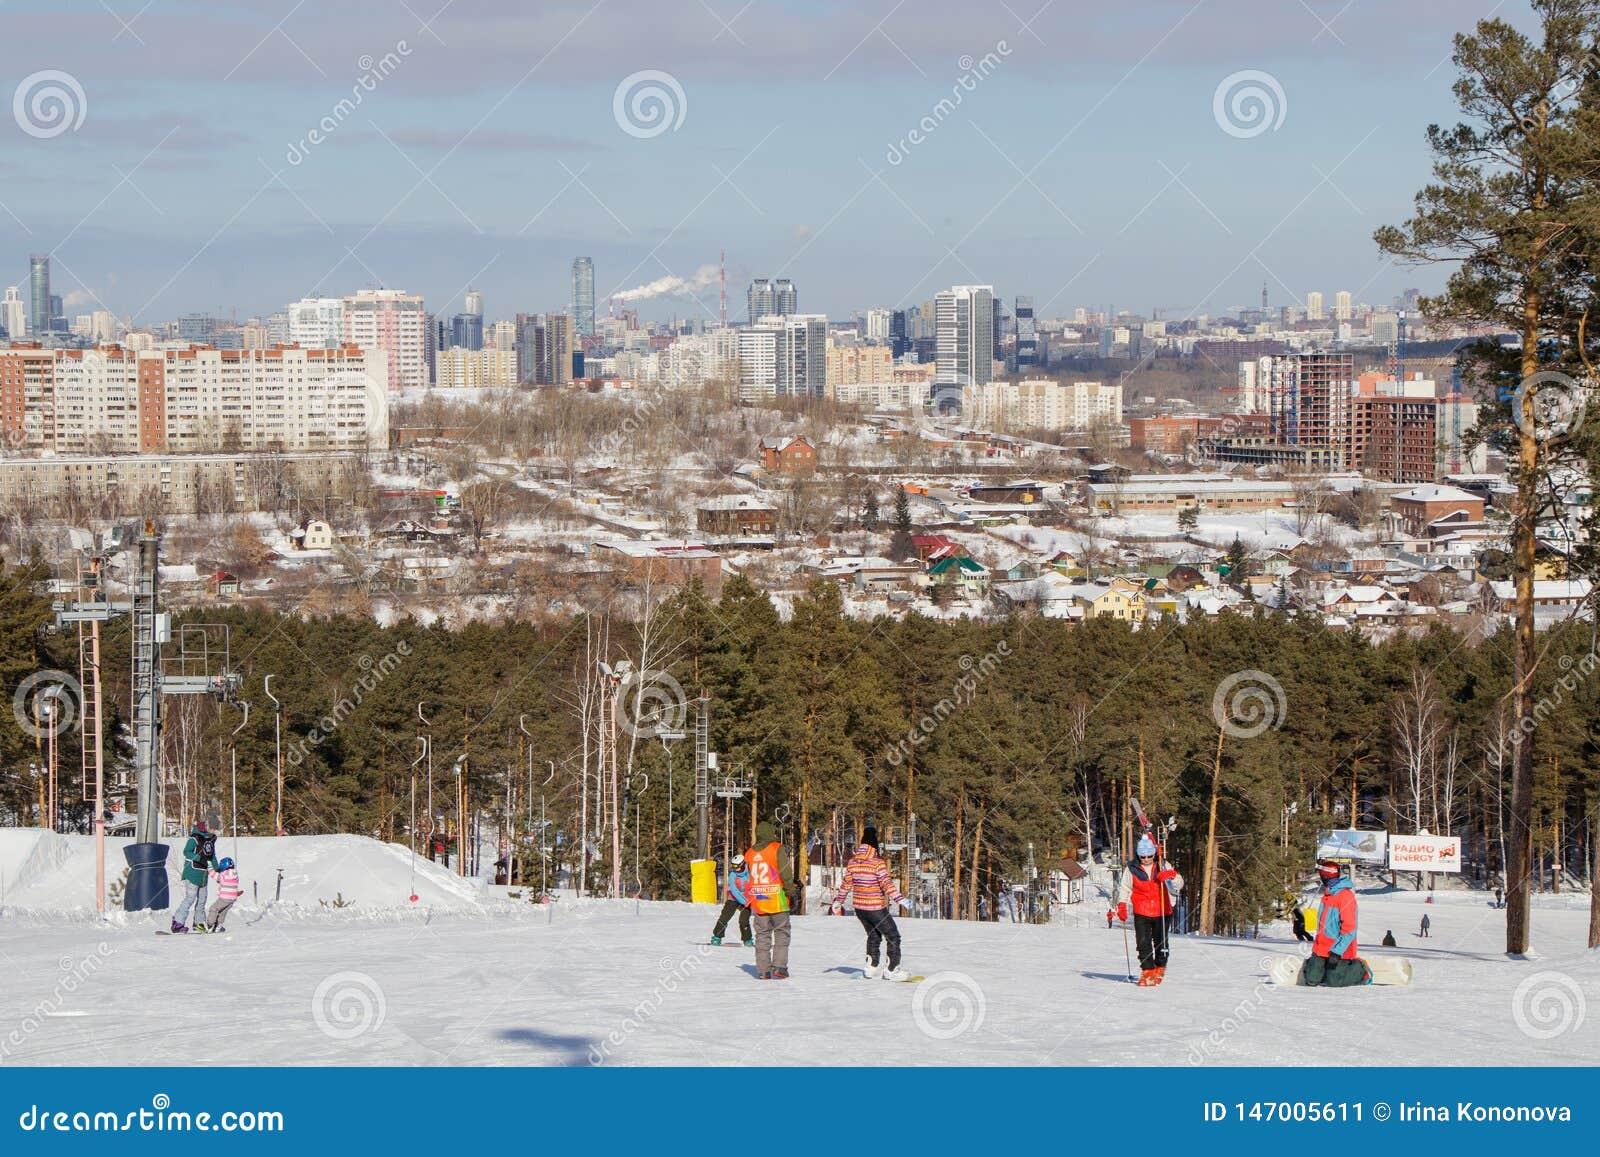 Povos na inclinação do esqui e na vista da cidade de Yekaterinburg